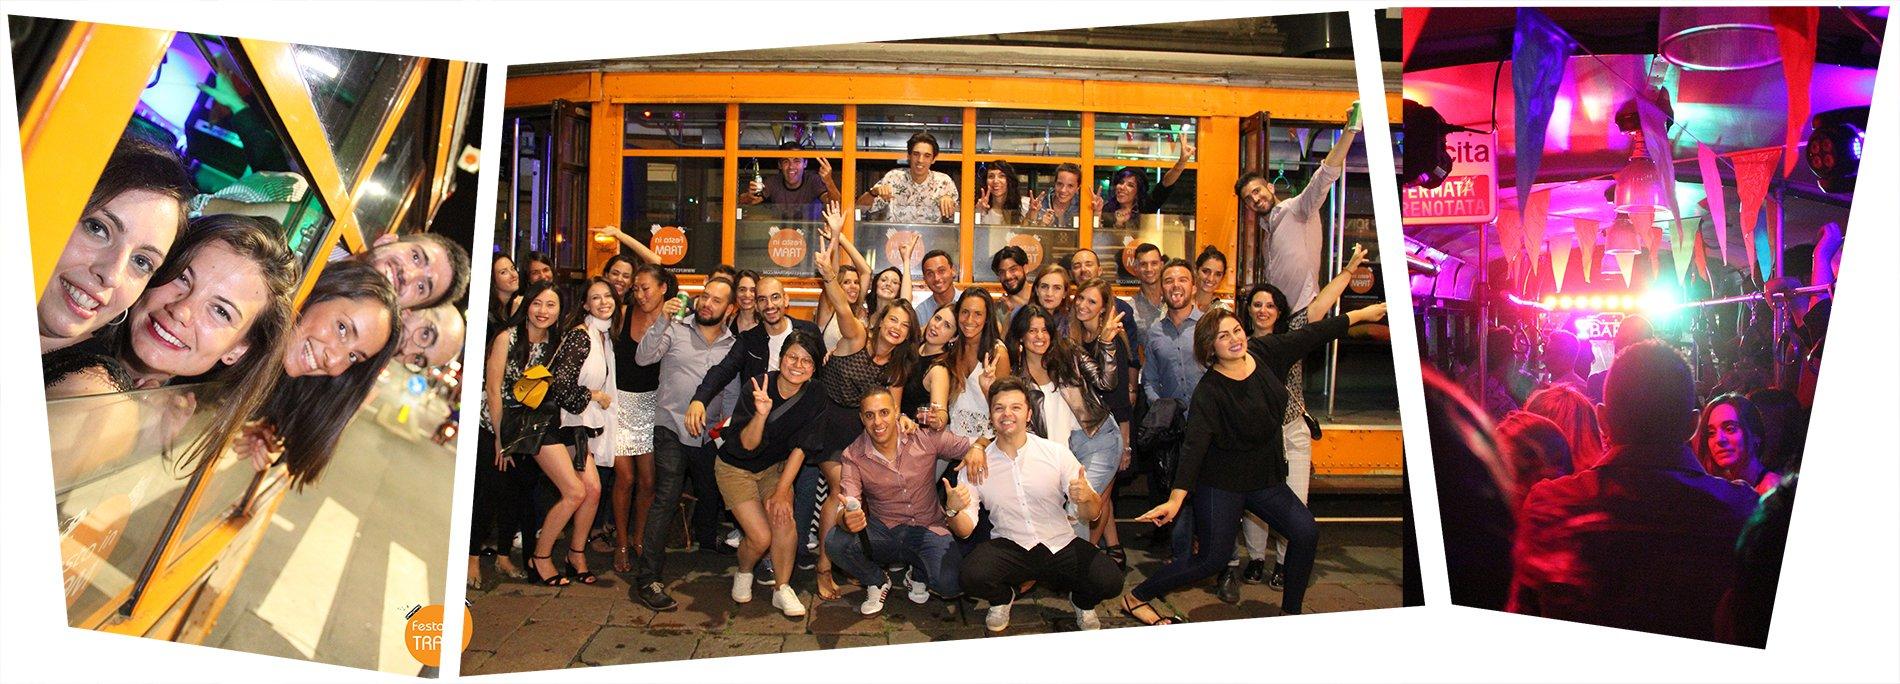 Eventi Milano. Festa in Tram Milano